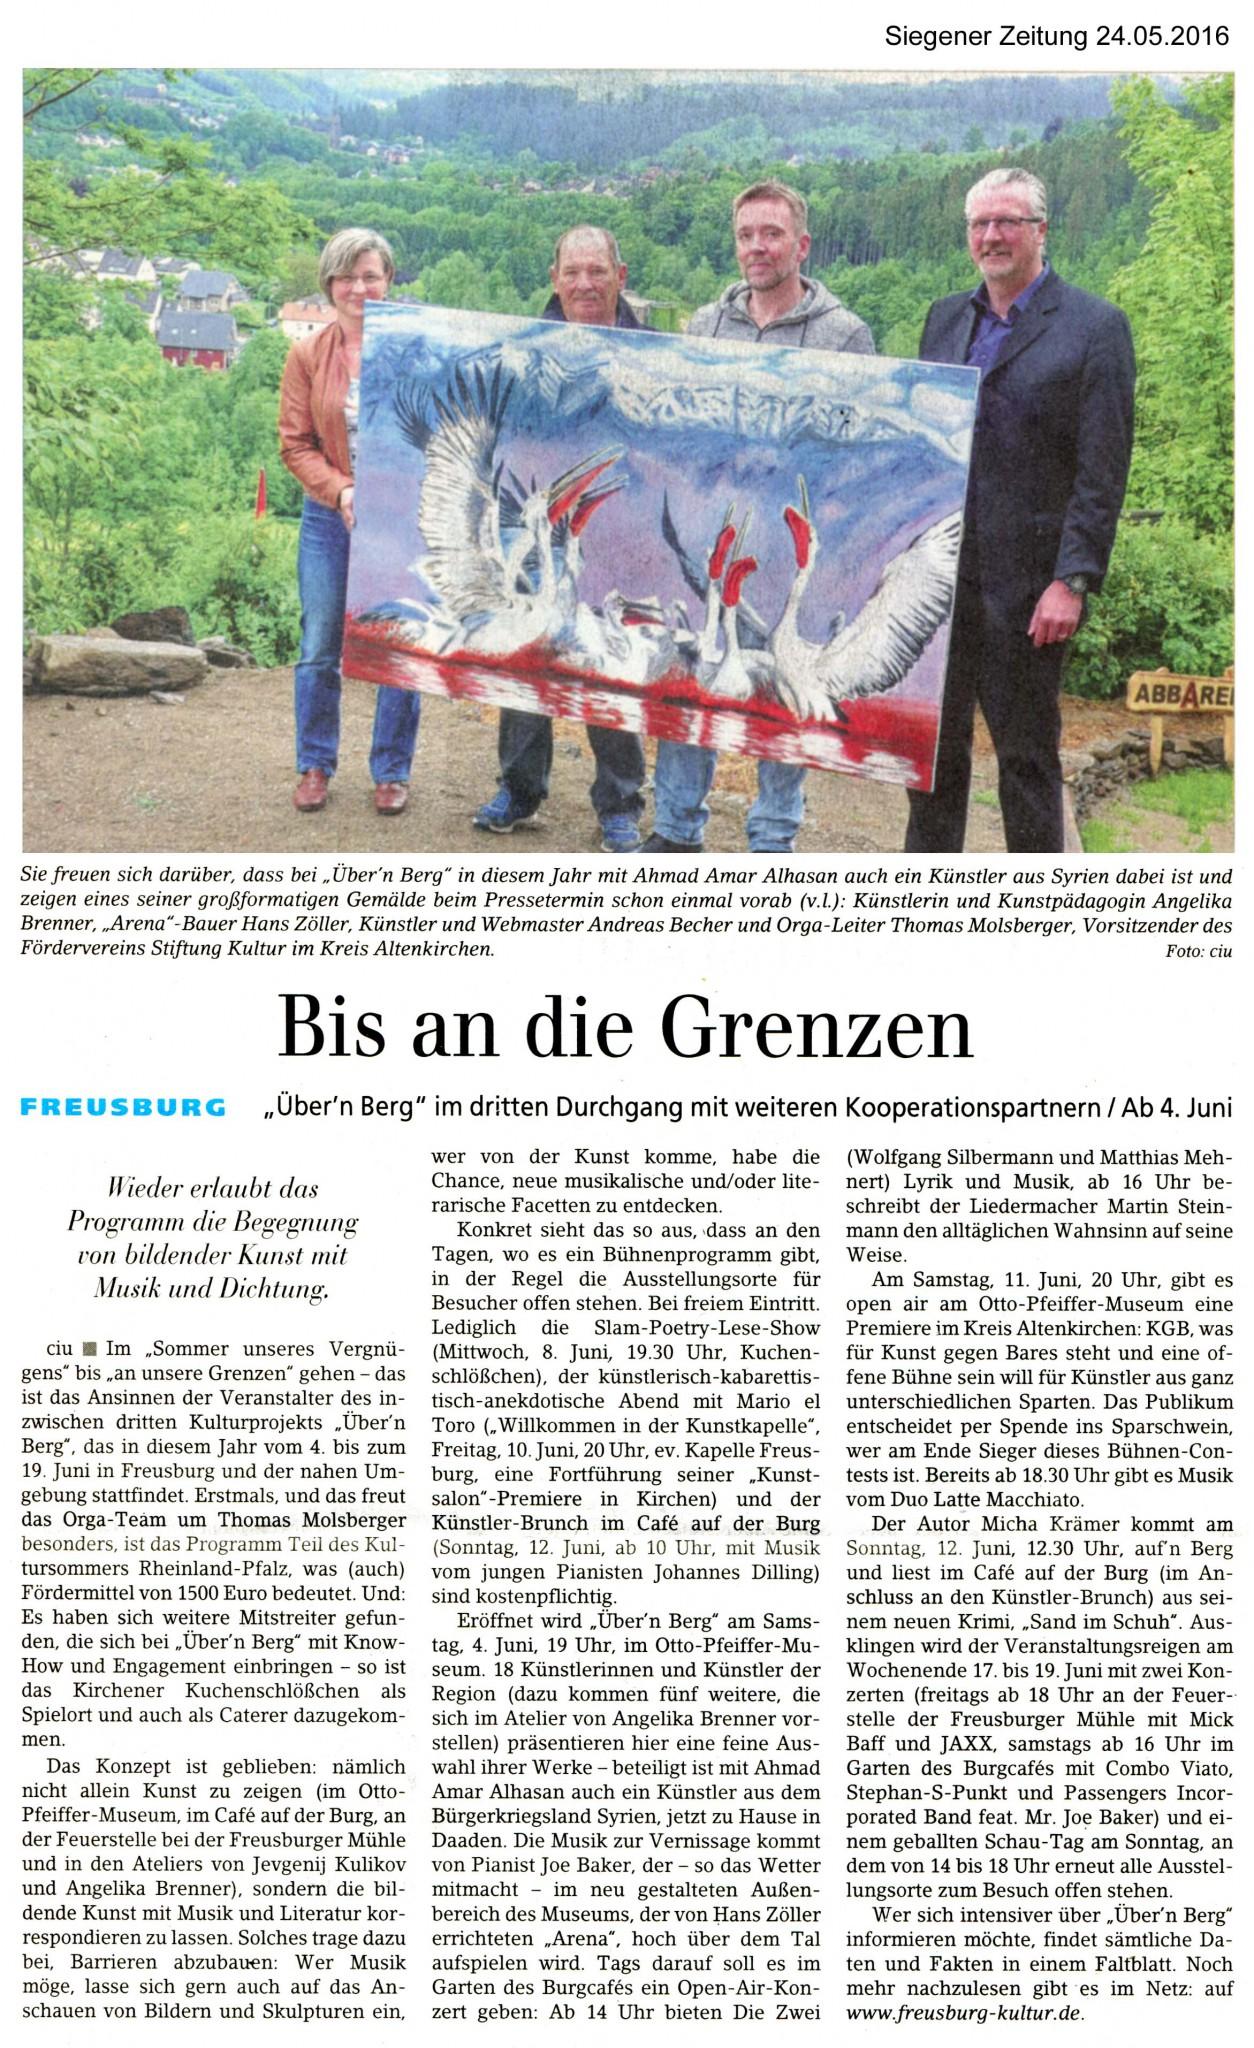 Siegener Zeitung, 24.05.2016, Bis an die Grenzen